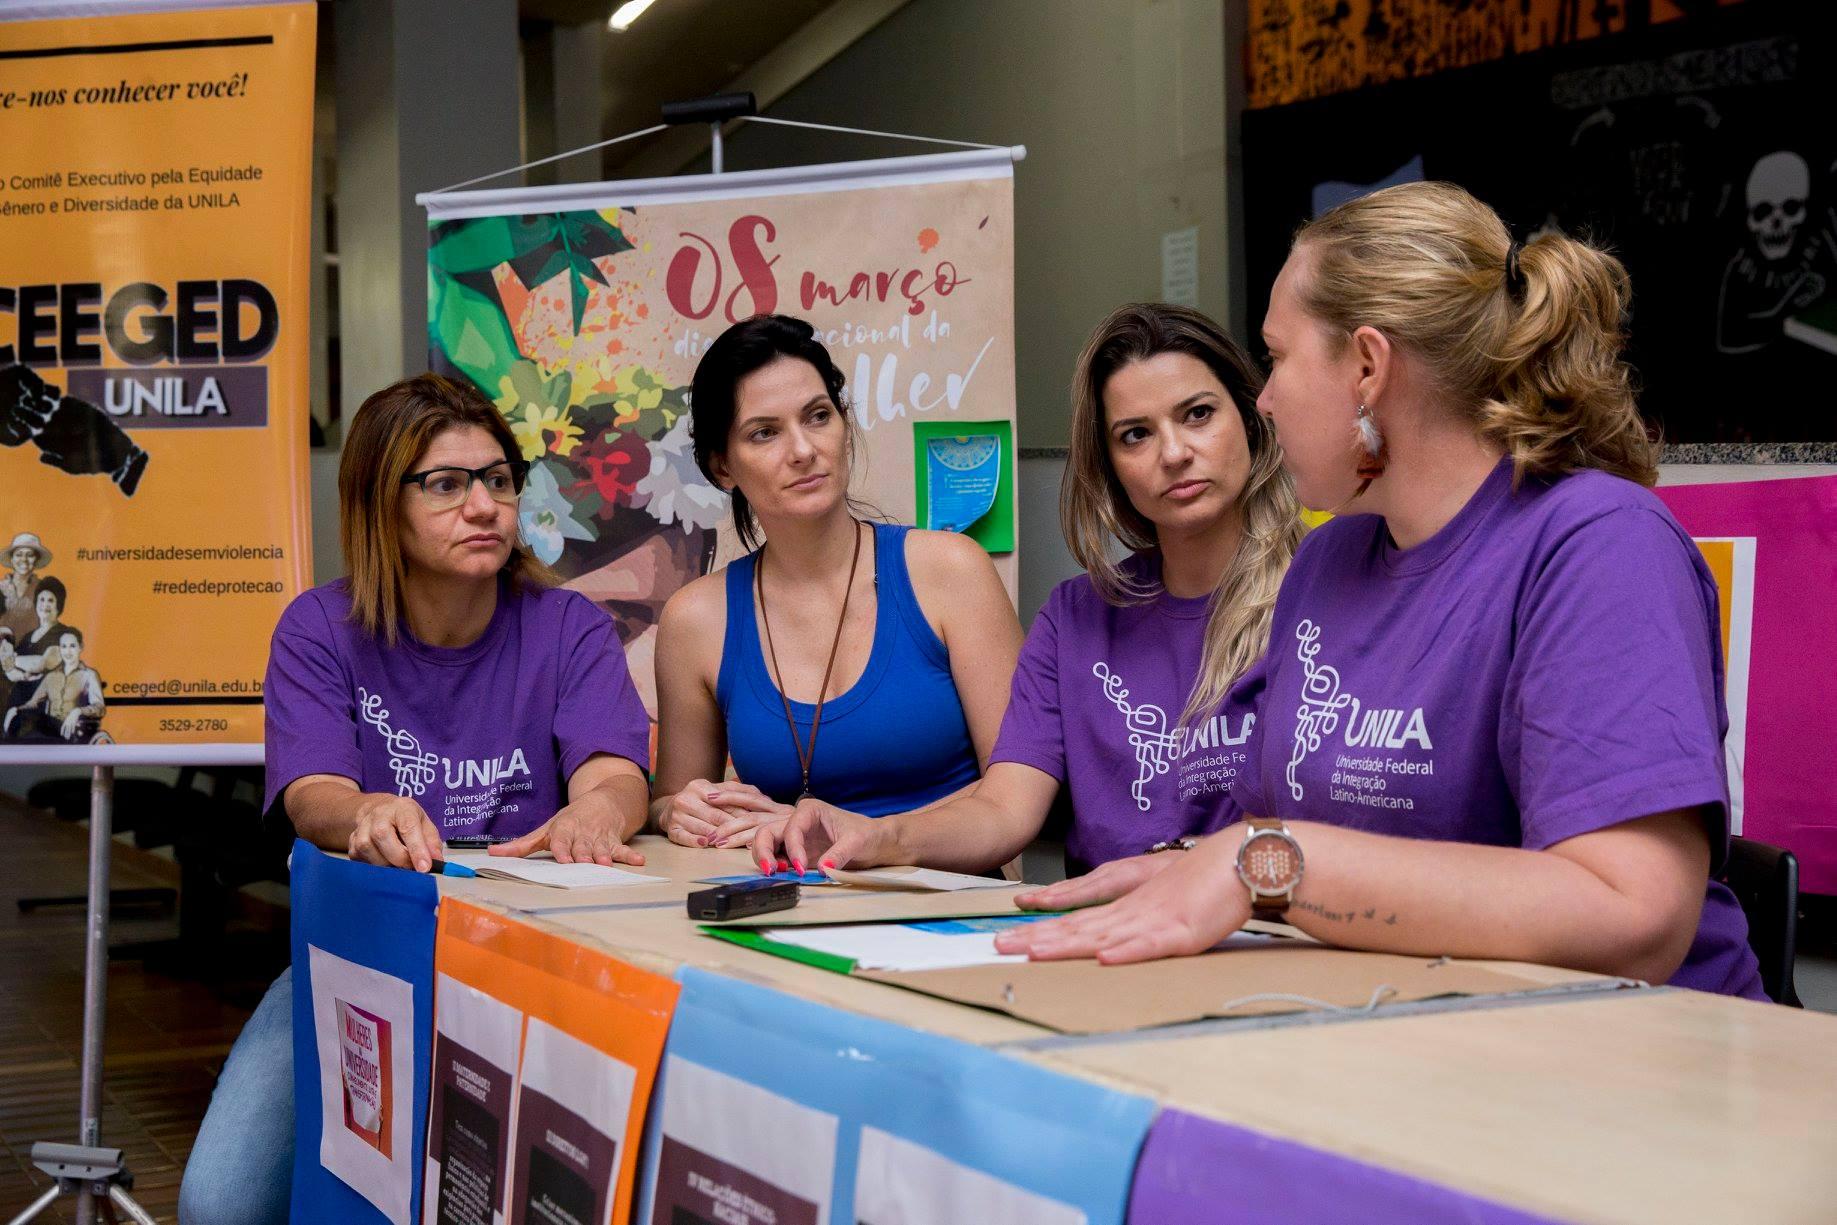 Parte da equipe da CEEDED em eventos na UNILA